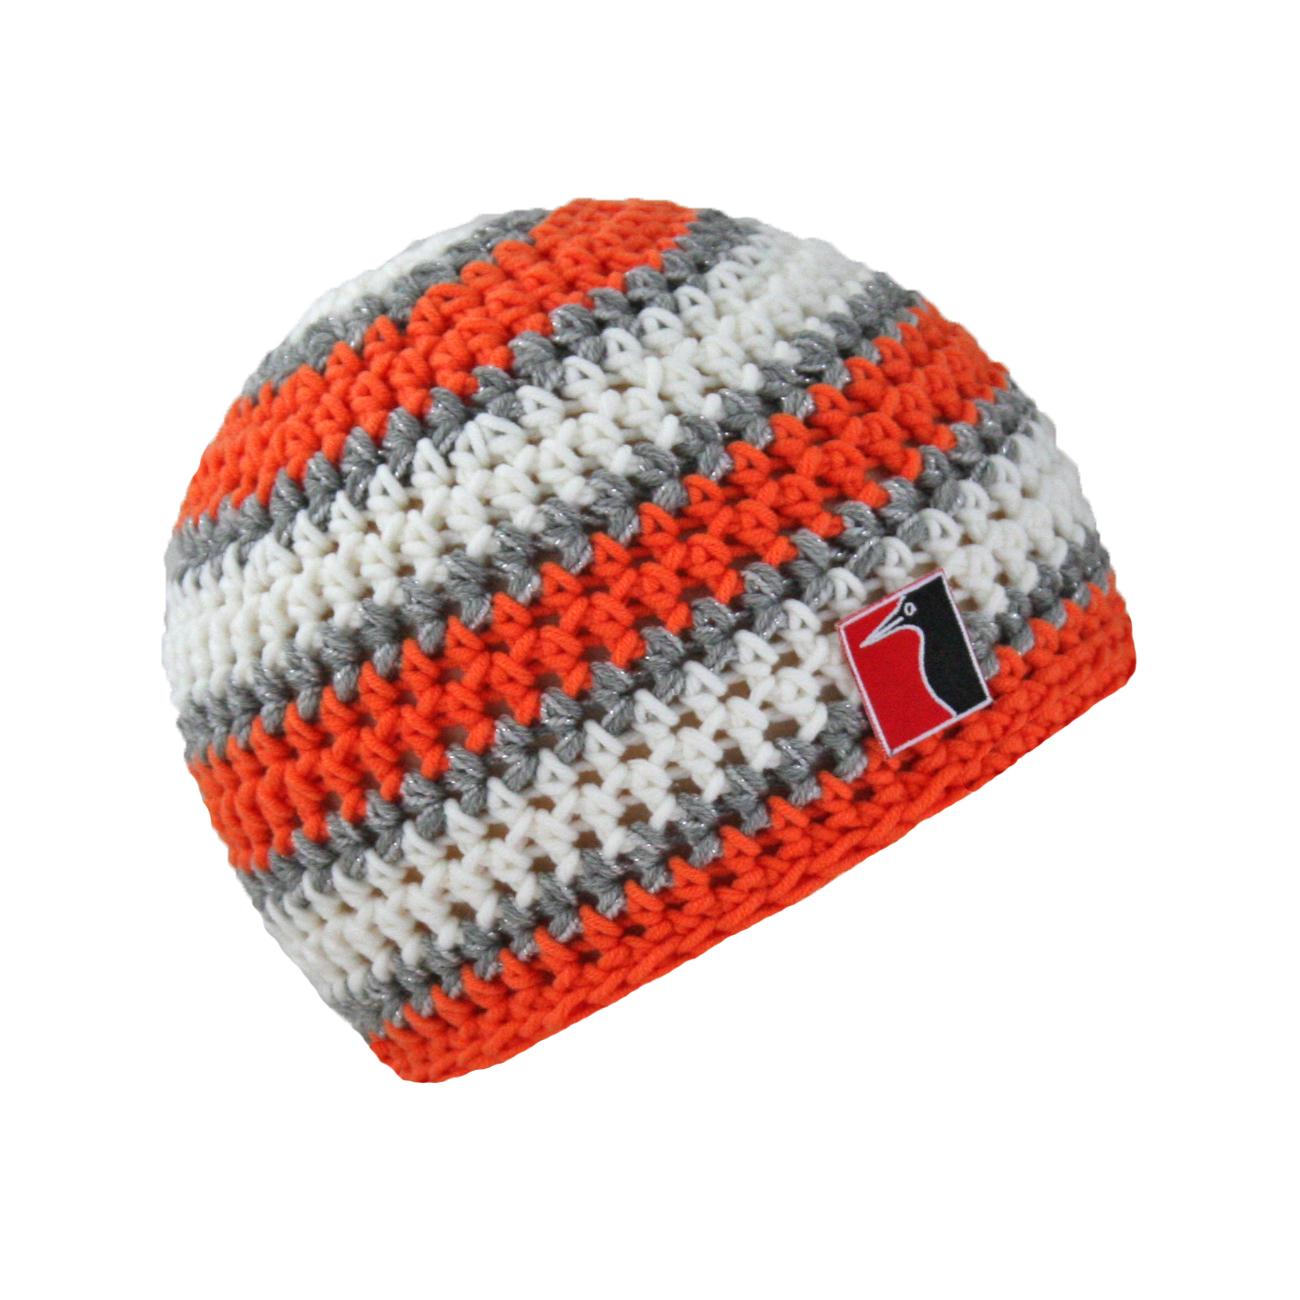 gehäkelte Sommermütze orange weiss grau